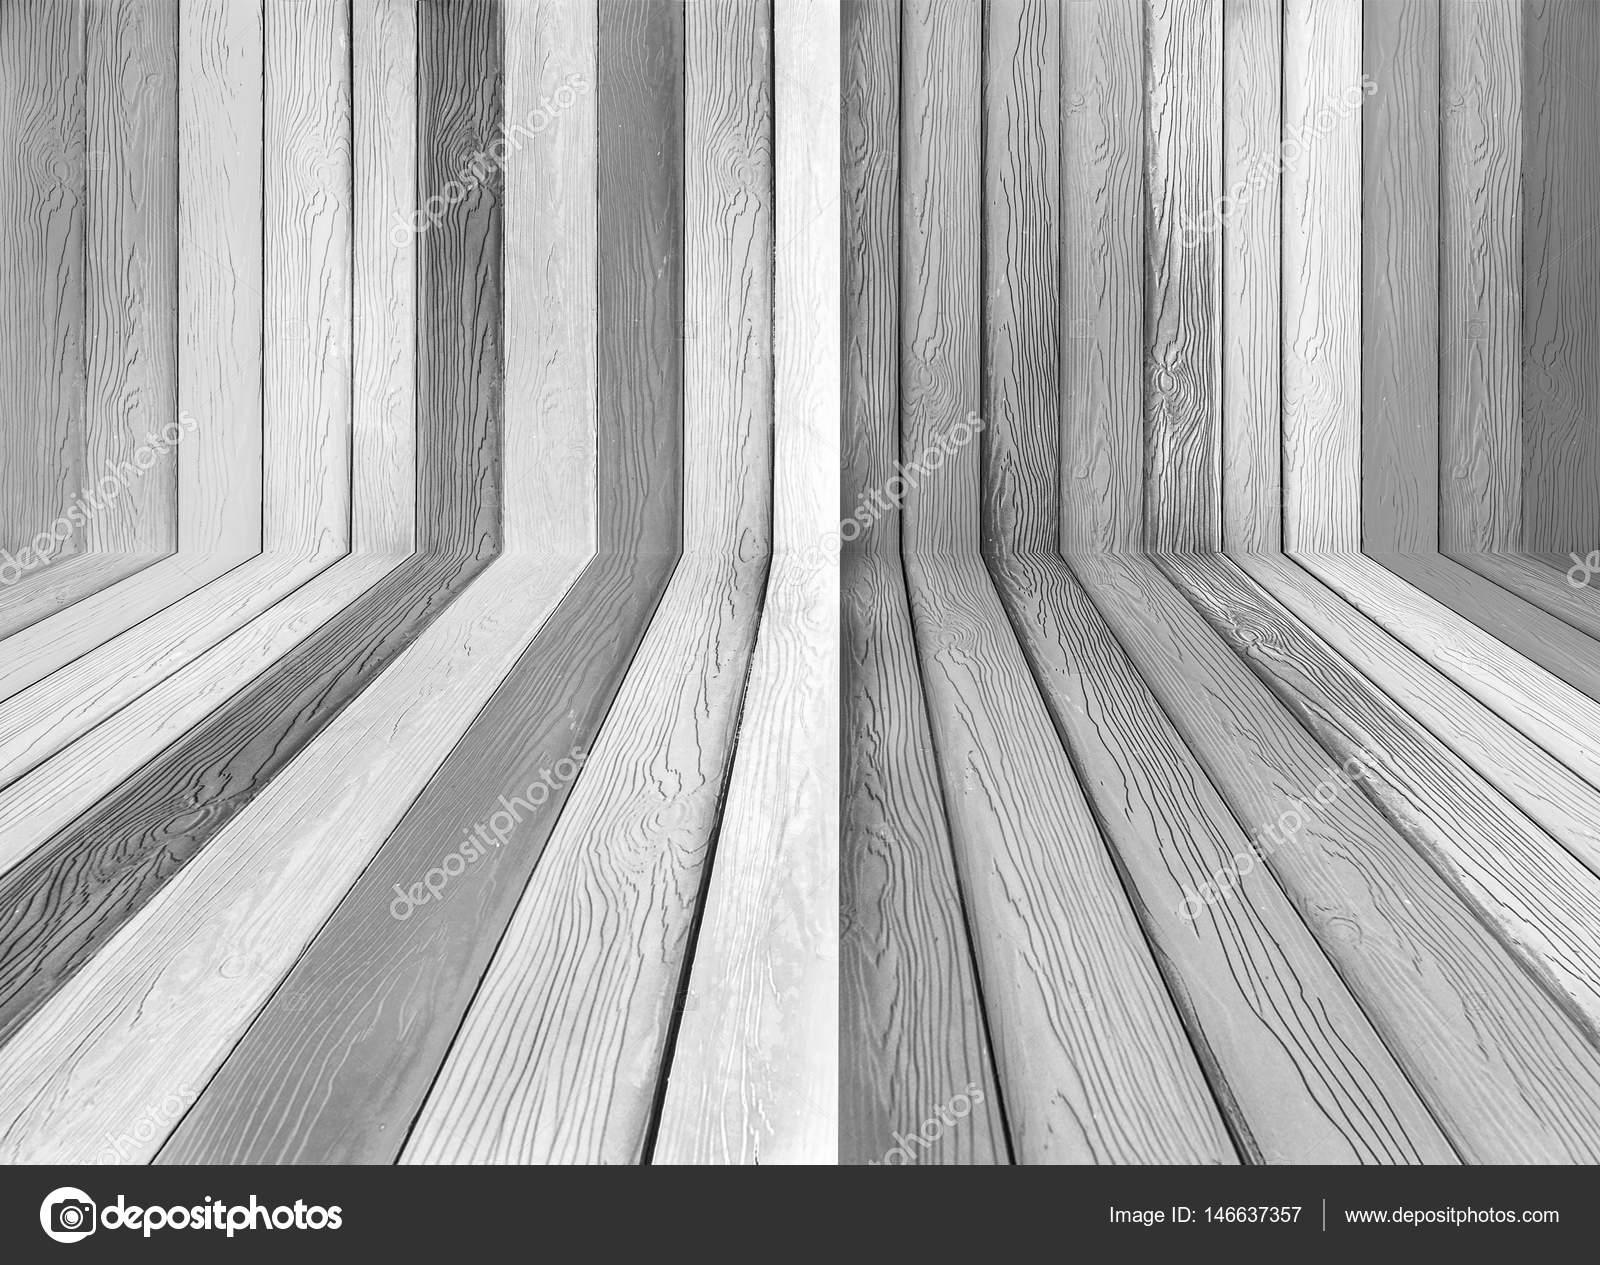 Legno Bianco E Nero : Fondo di struttura di legno bianco e nero u foto stock